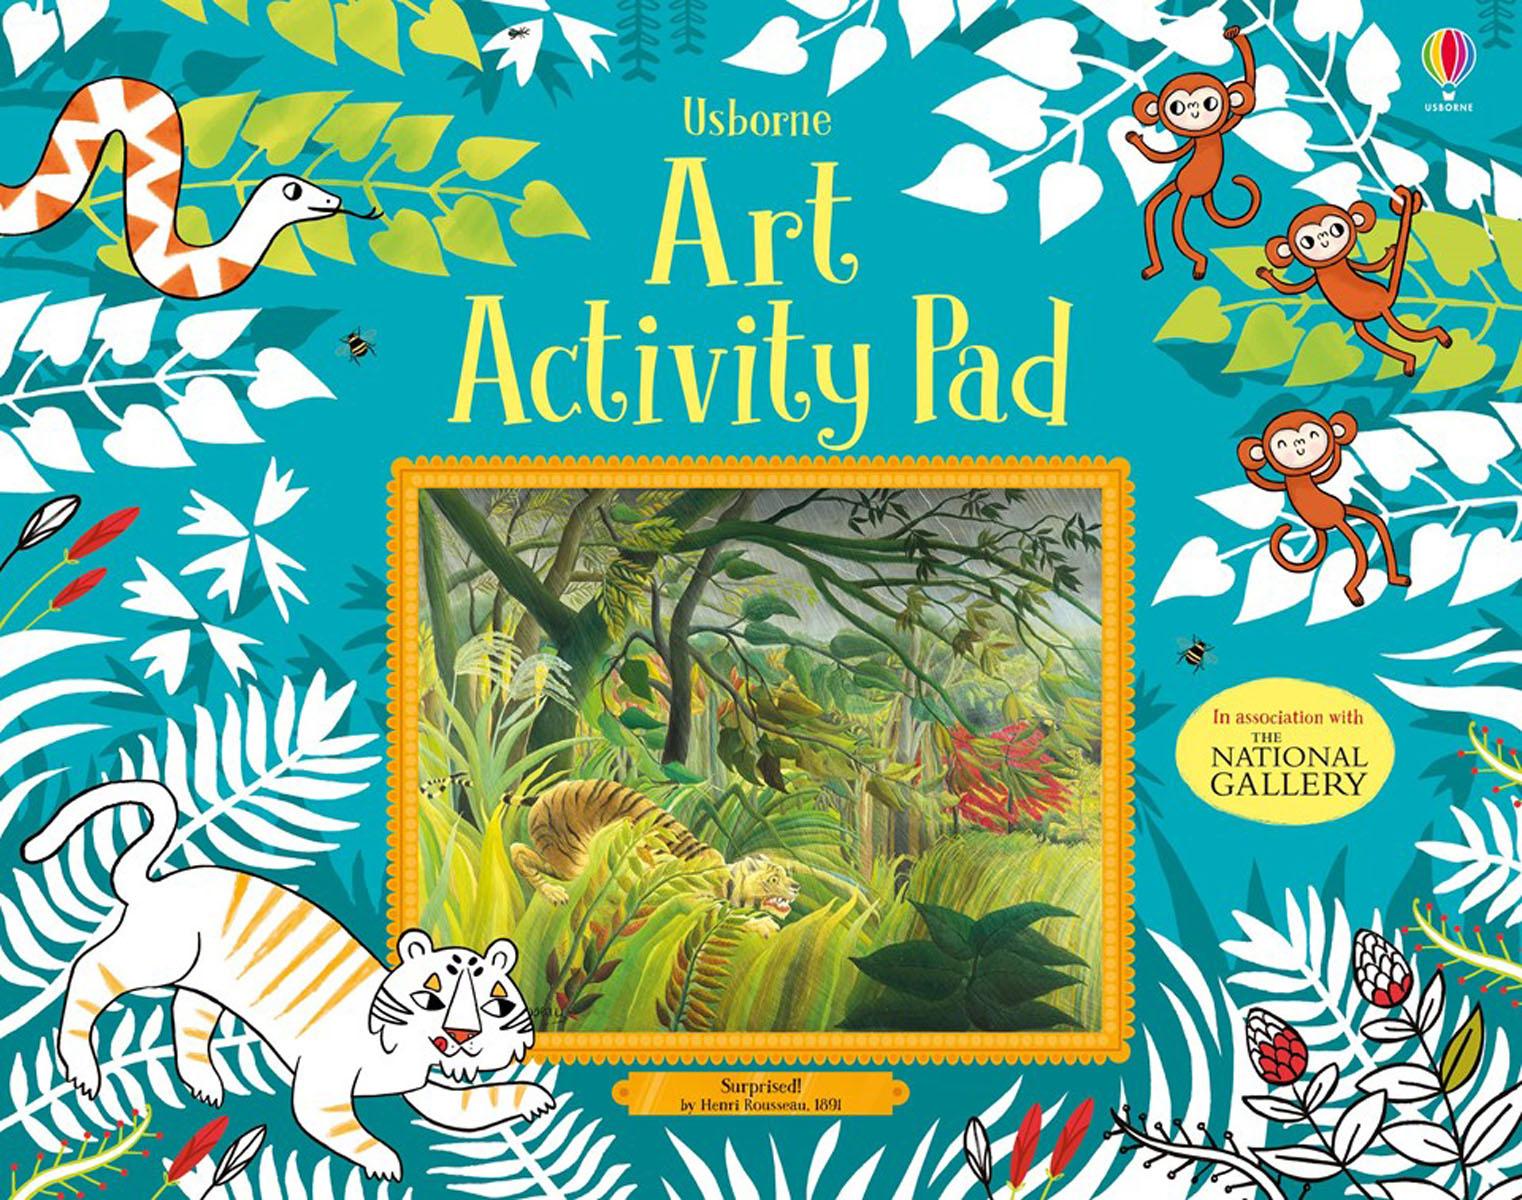 Art activity pad meet the artist henri matisse